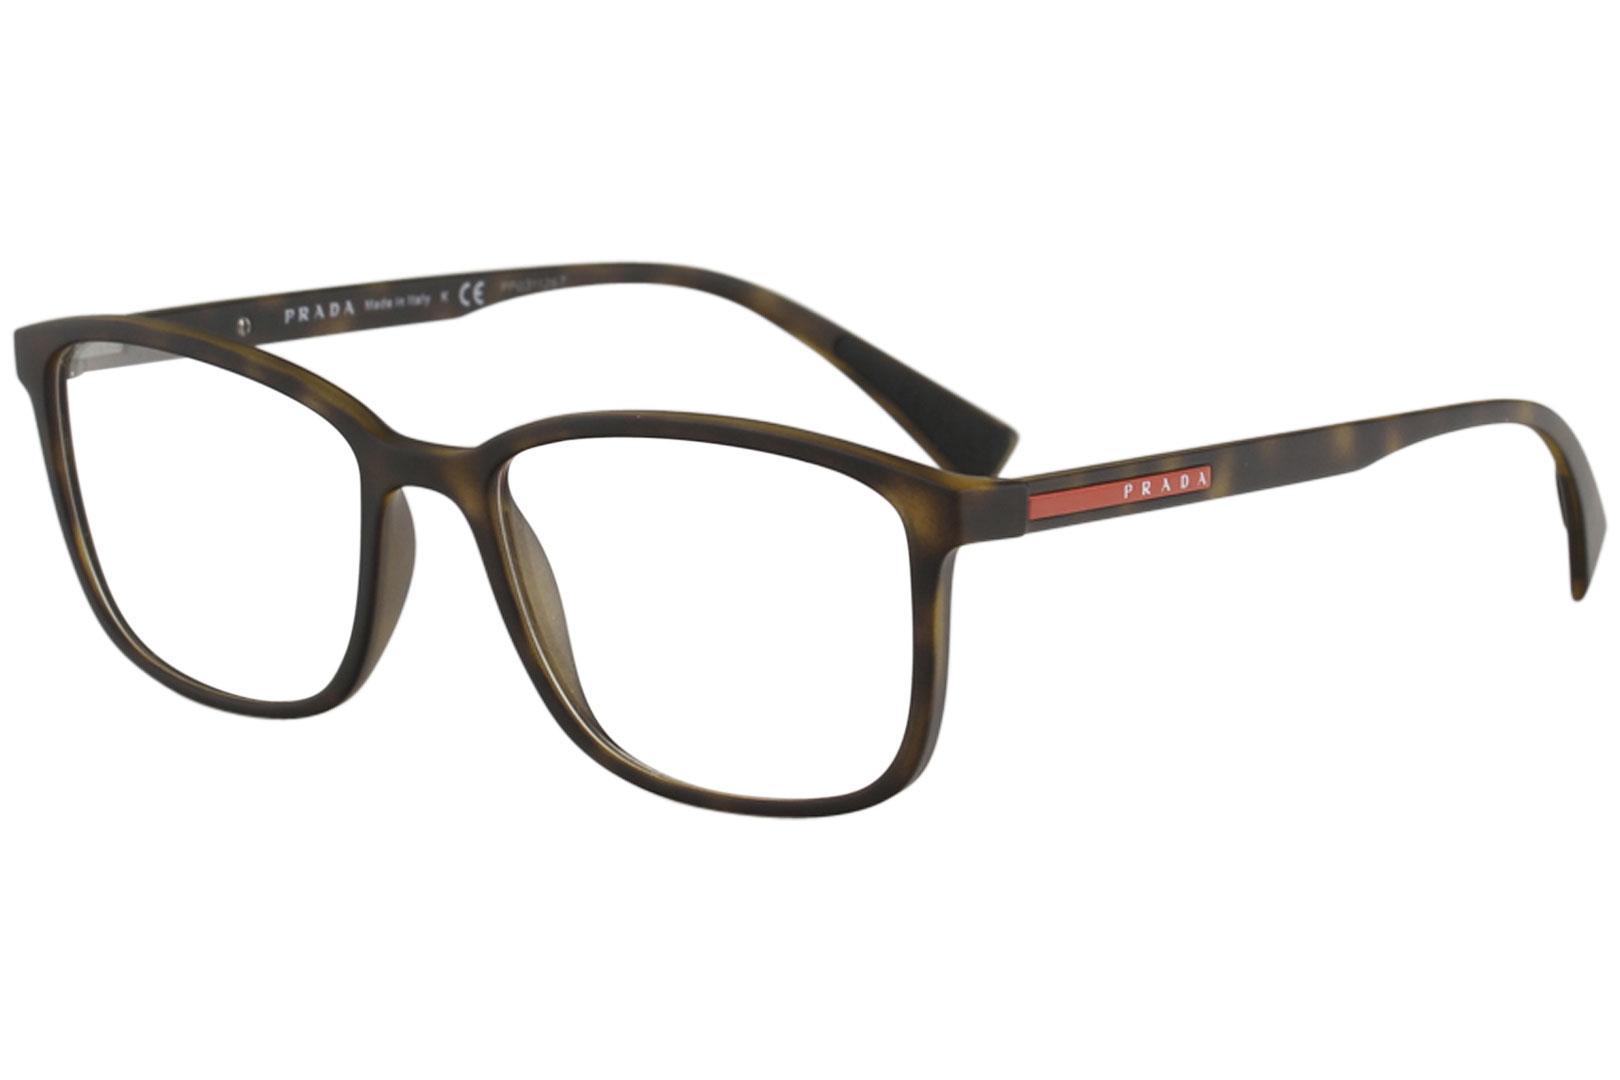 Prada Linea Rossa Men's Eyeglasses VPS04I VPS/04I Full Rim Optical Frame